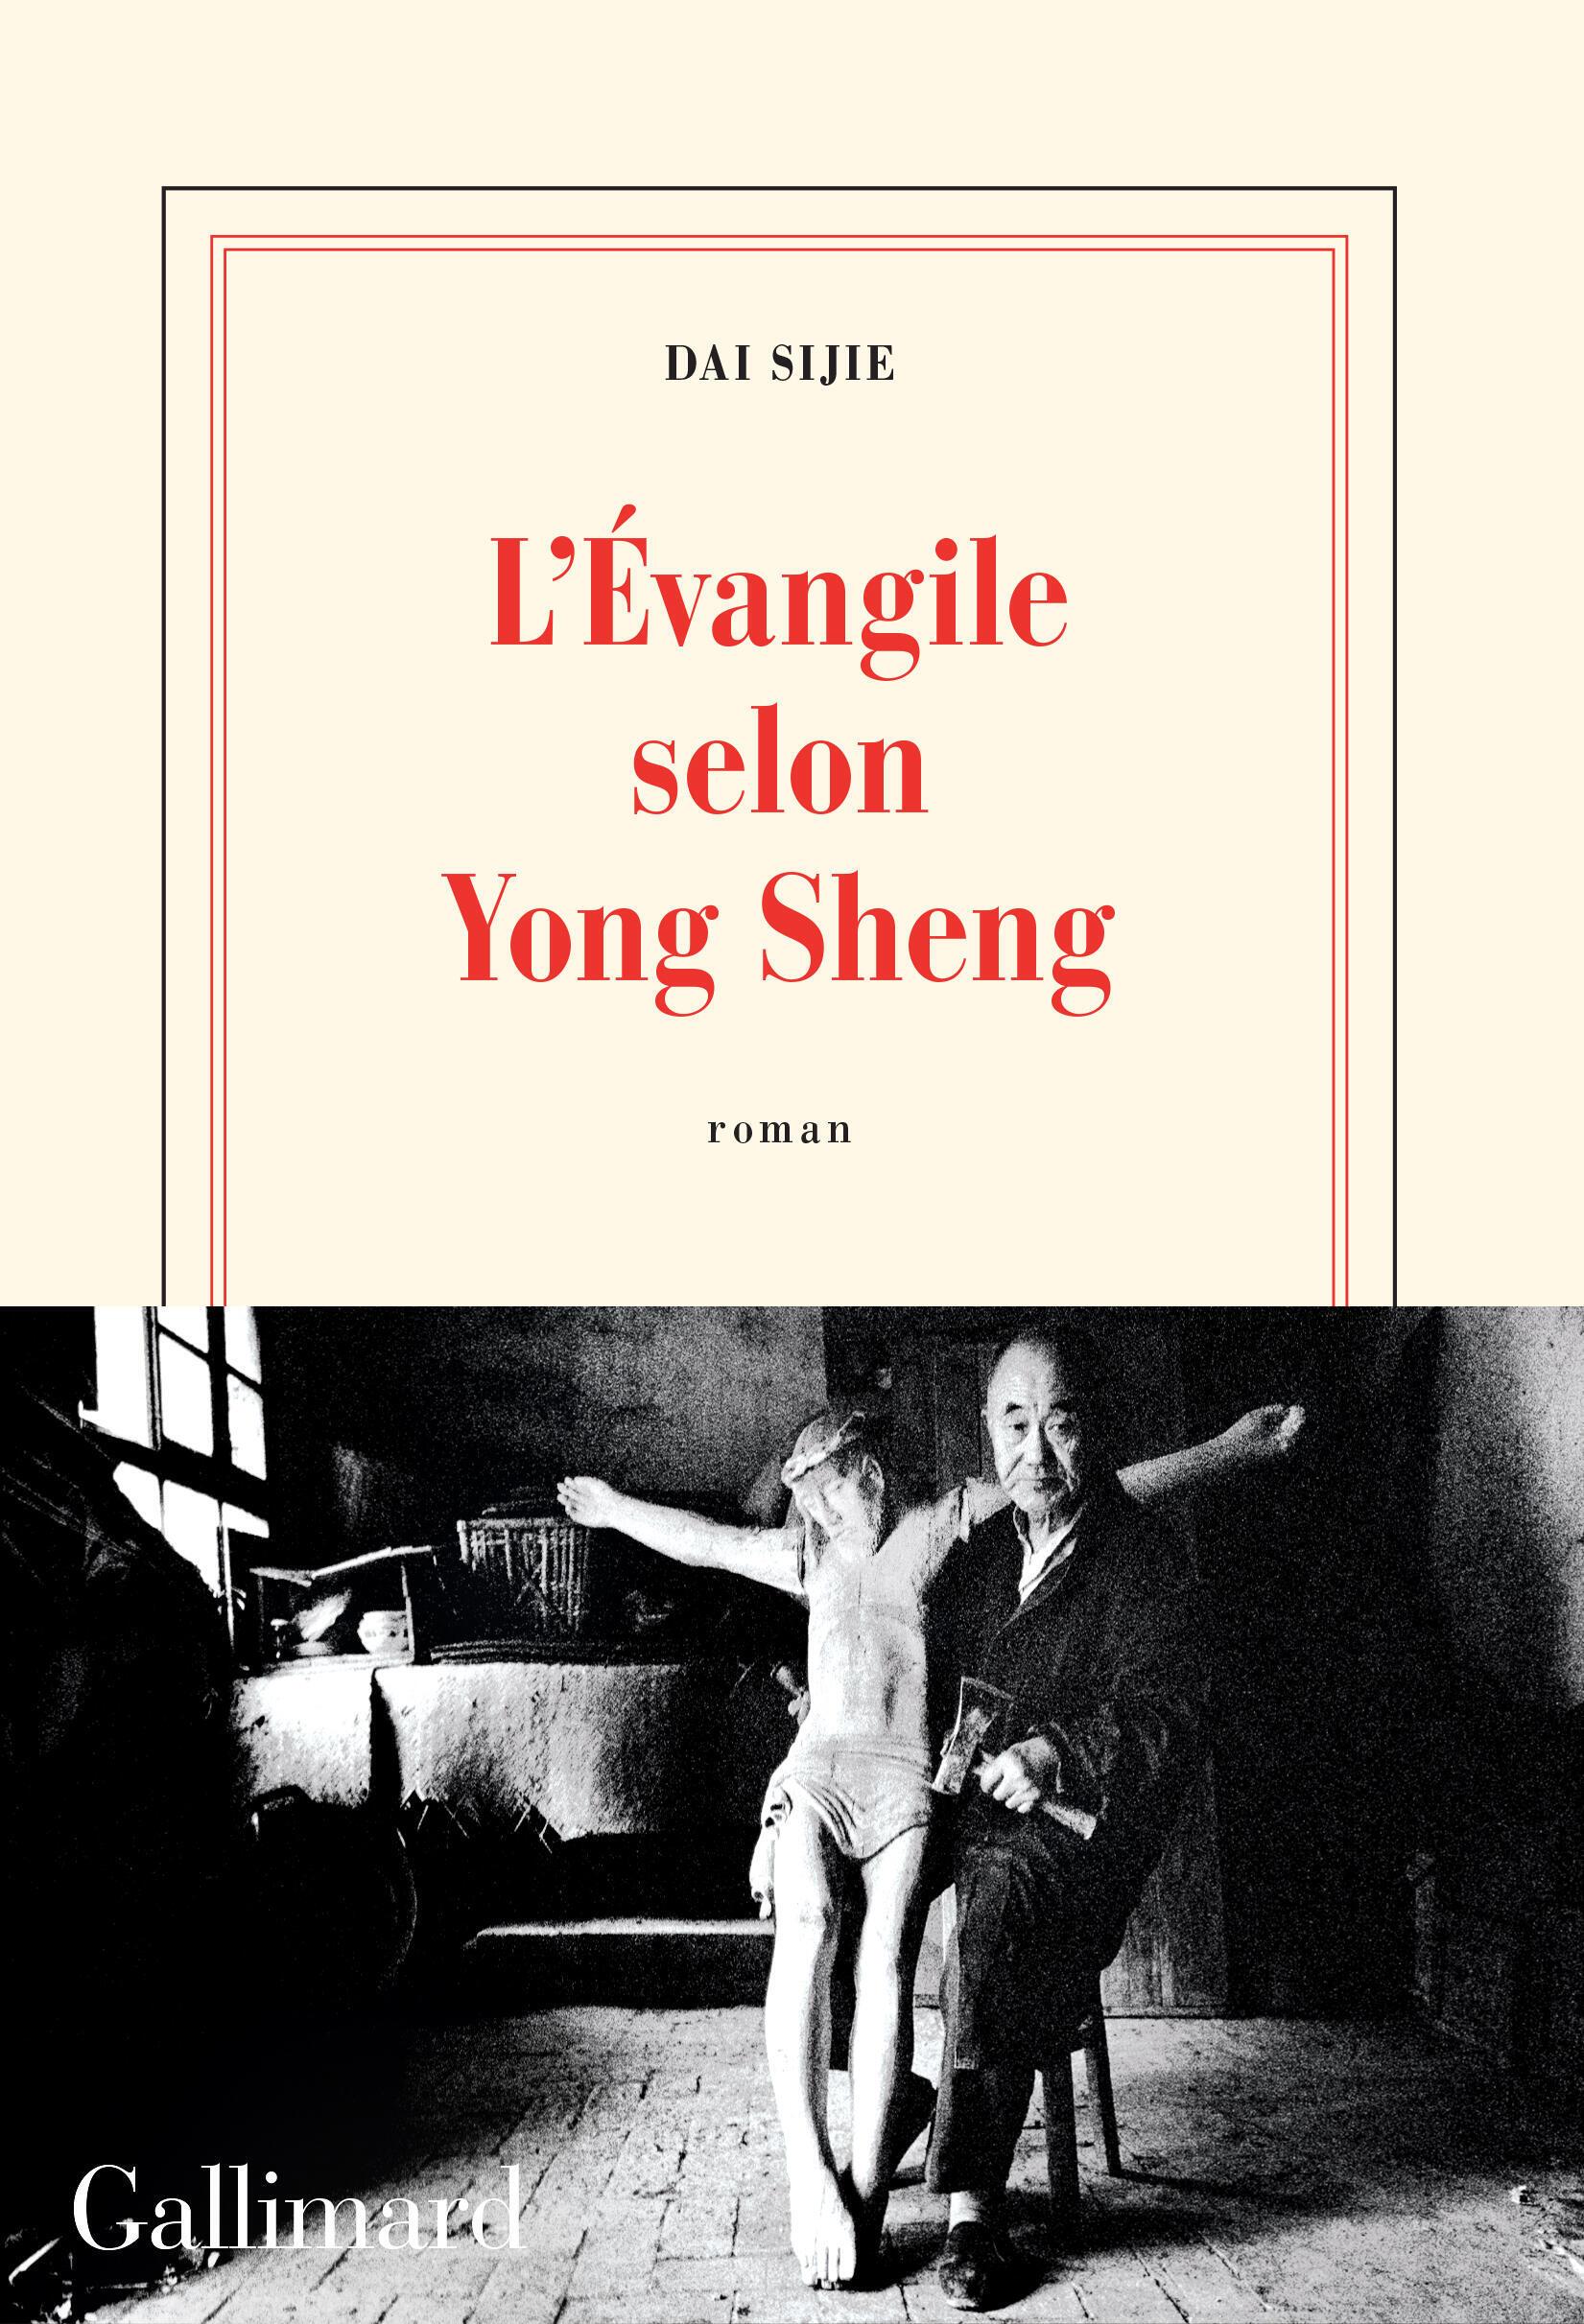 Couverture du nouveau roman de Dai Sijie